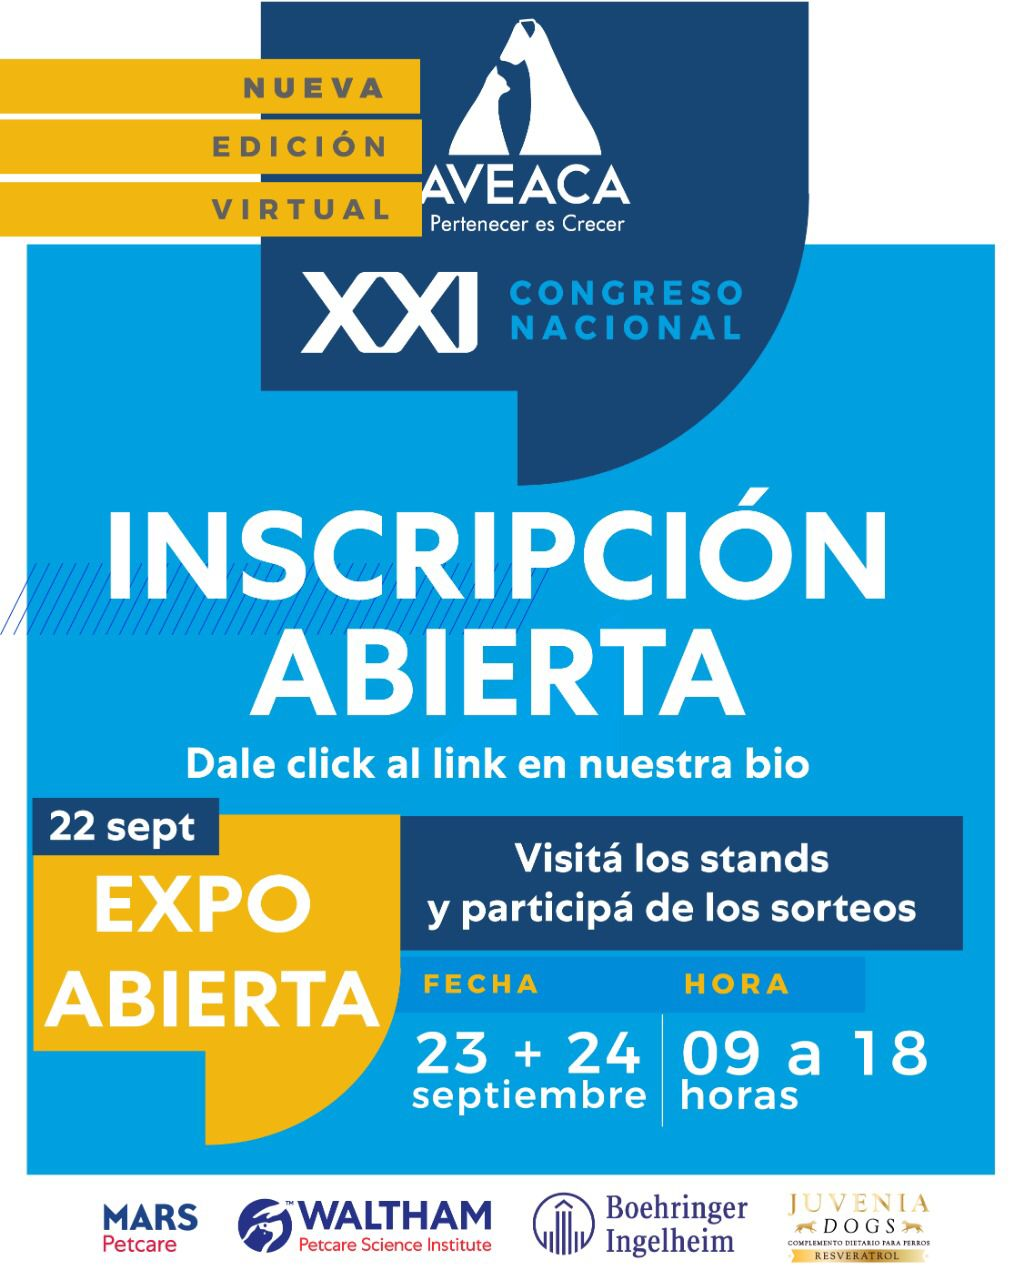 XXI Congreso Nacional de AVEACA